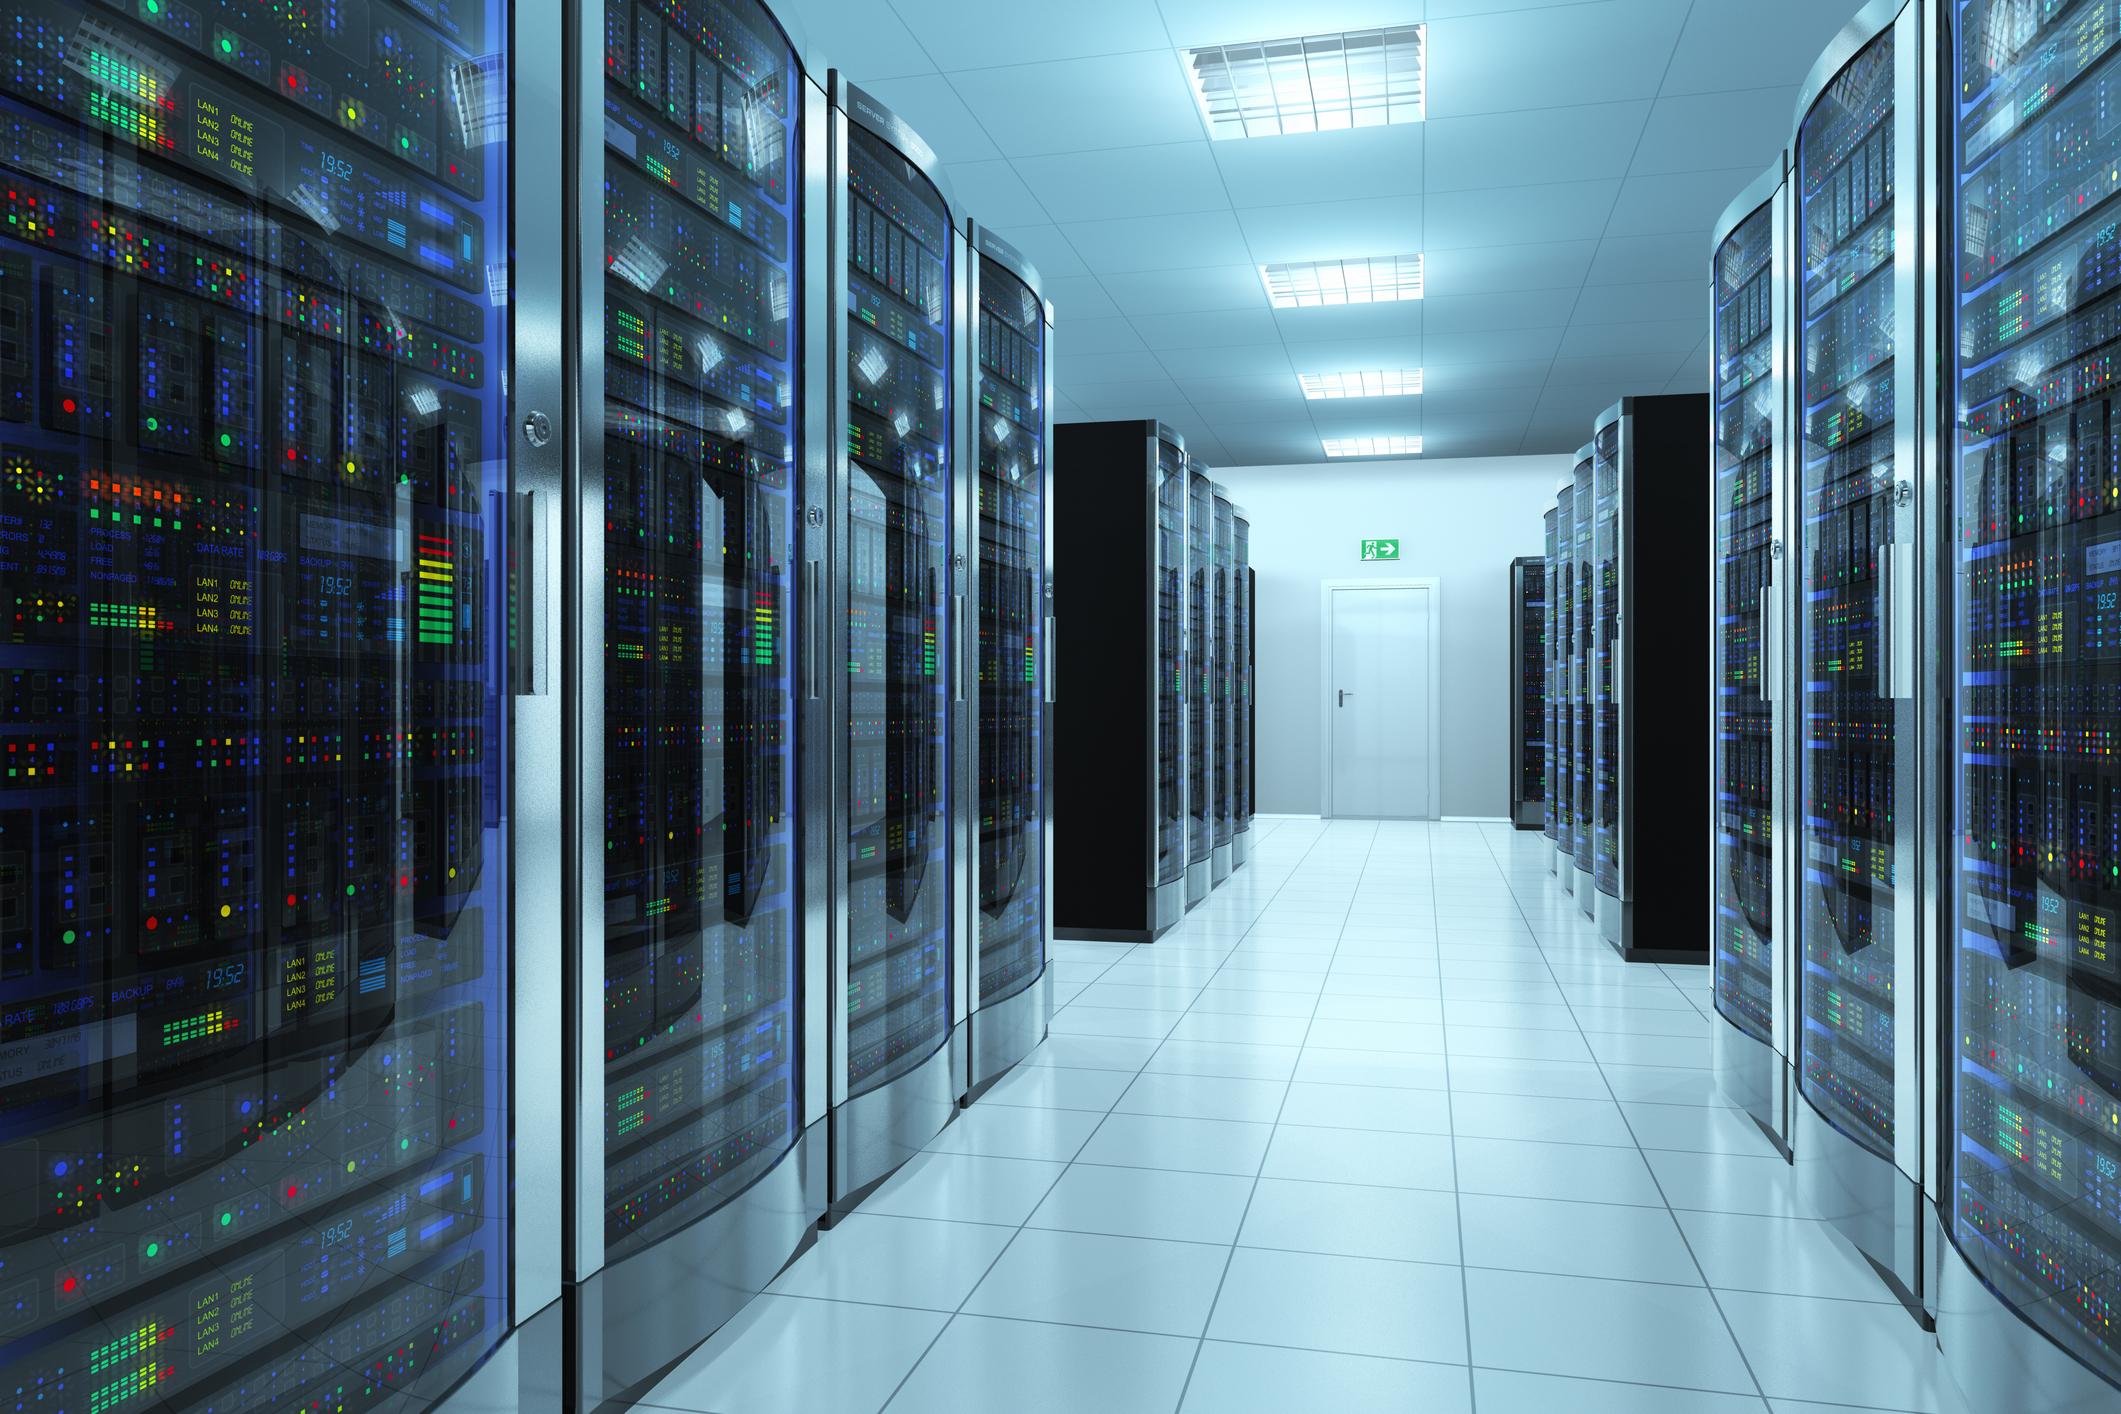 Inside of a data center.